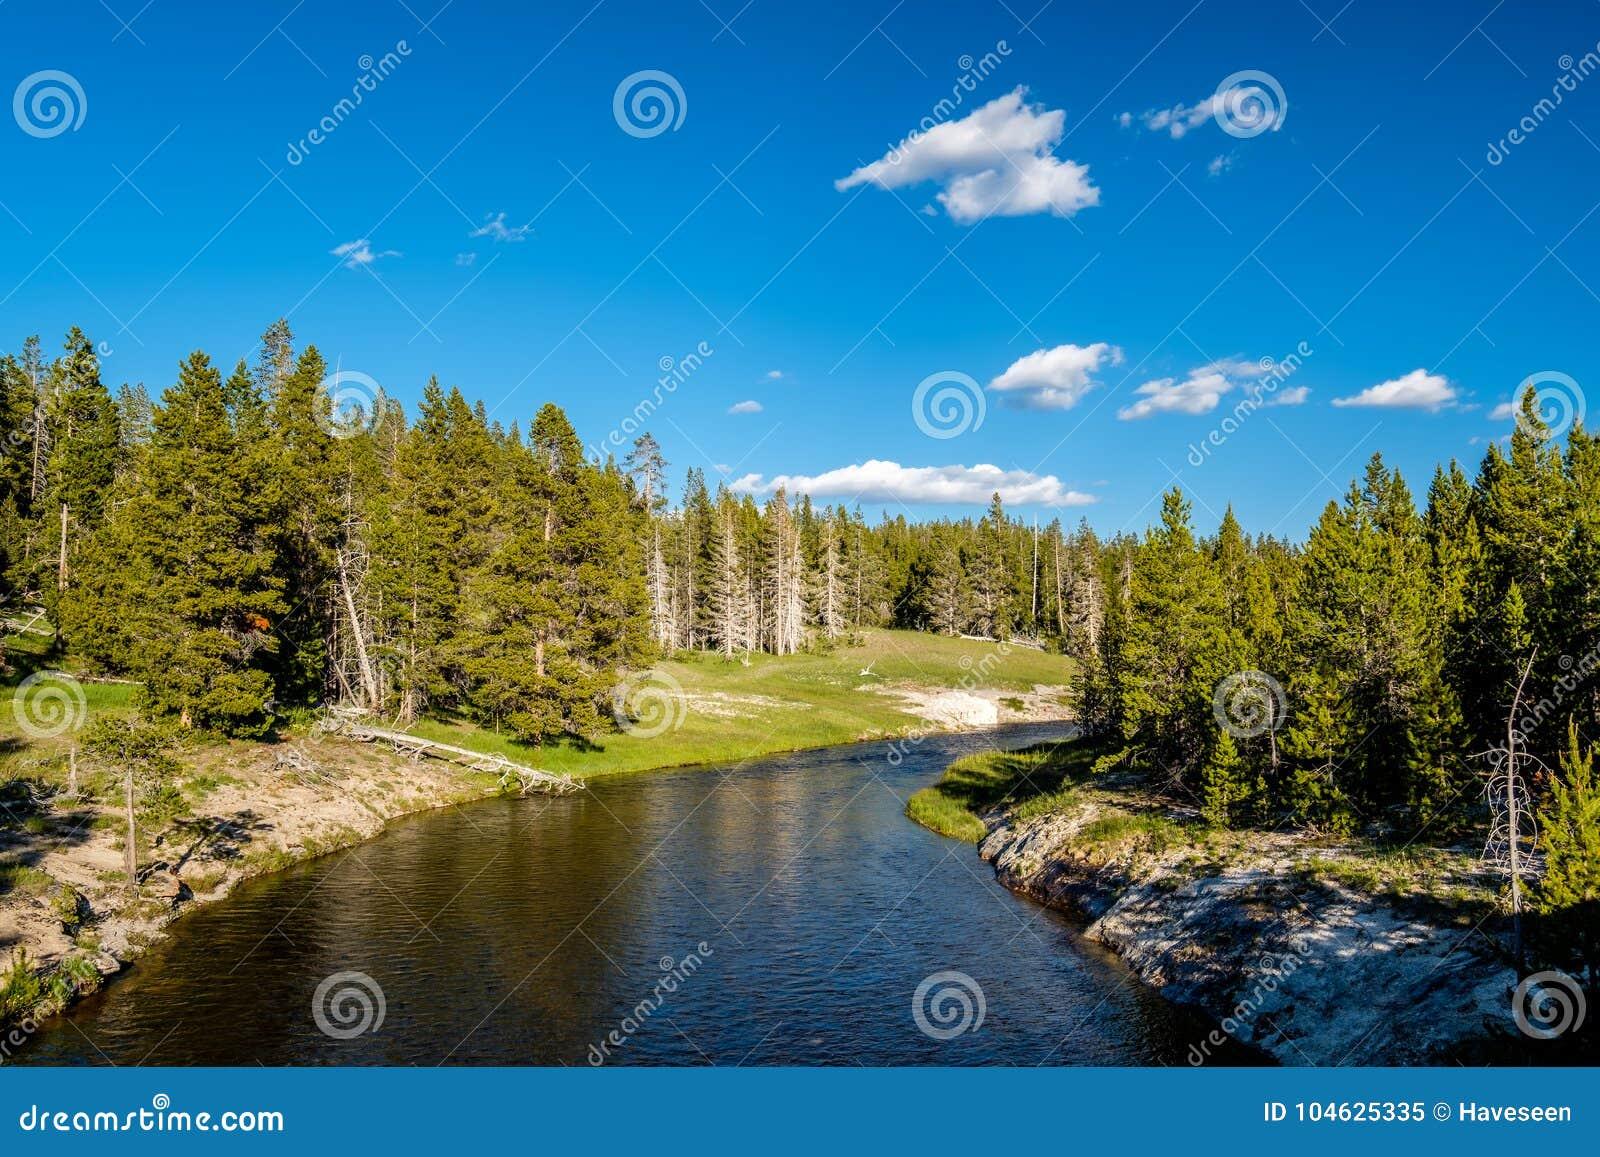 Download Fireholerivier, Het Nationale Park Van Yellowstone, Wyoming Stock Afbeelding - Afbeelding bestaande uit wolk, mening: 104625335